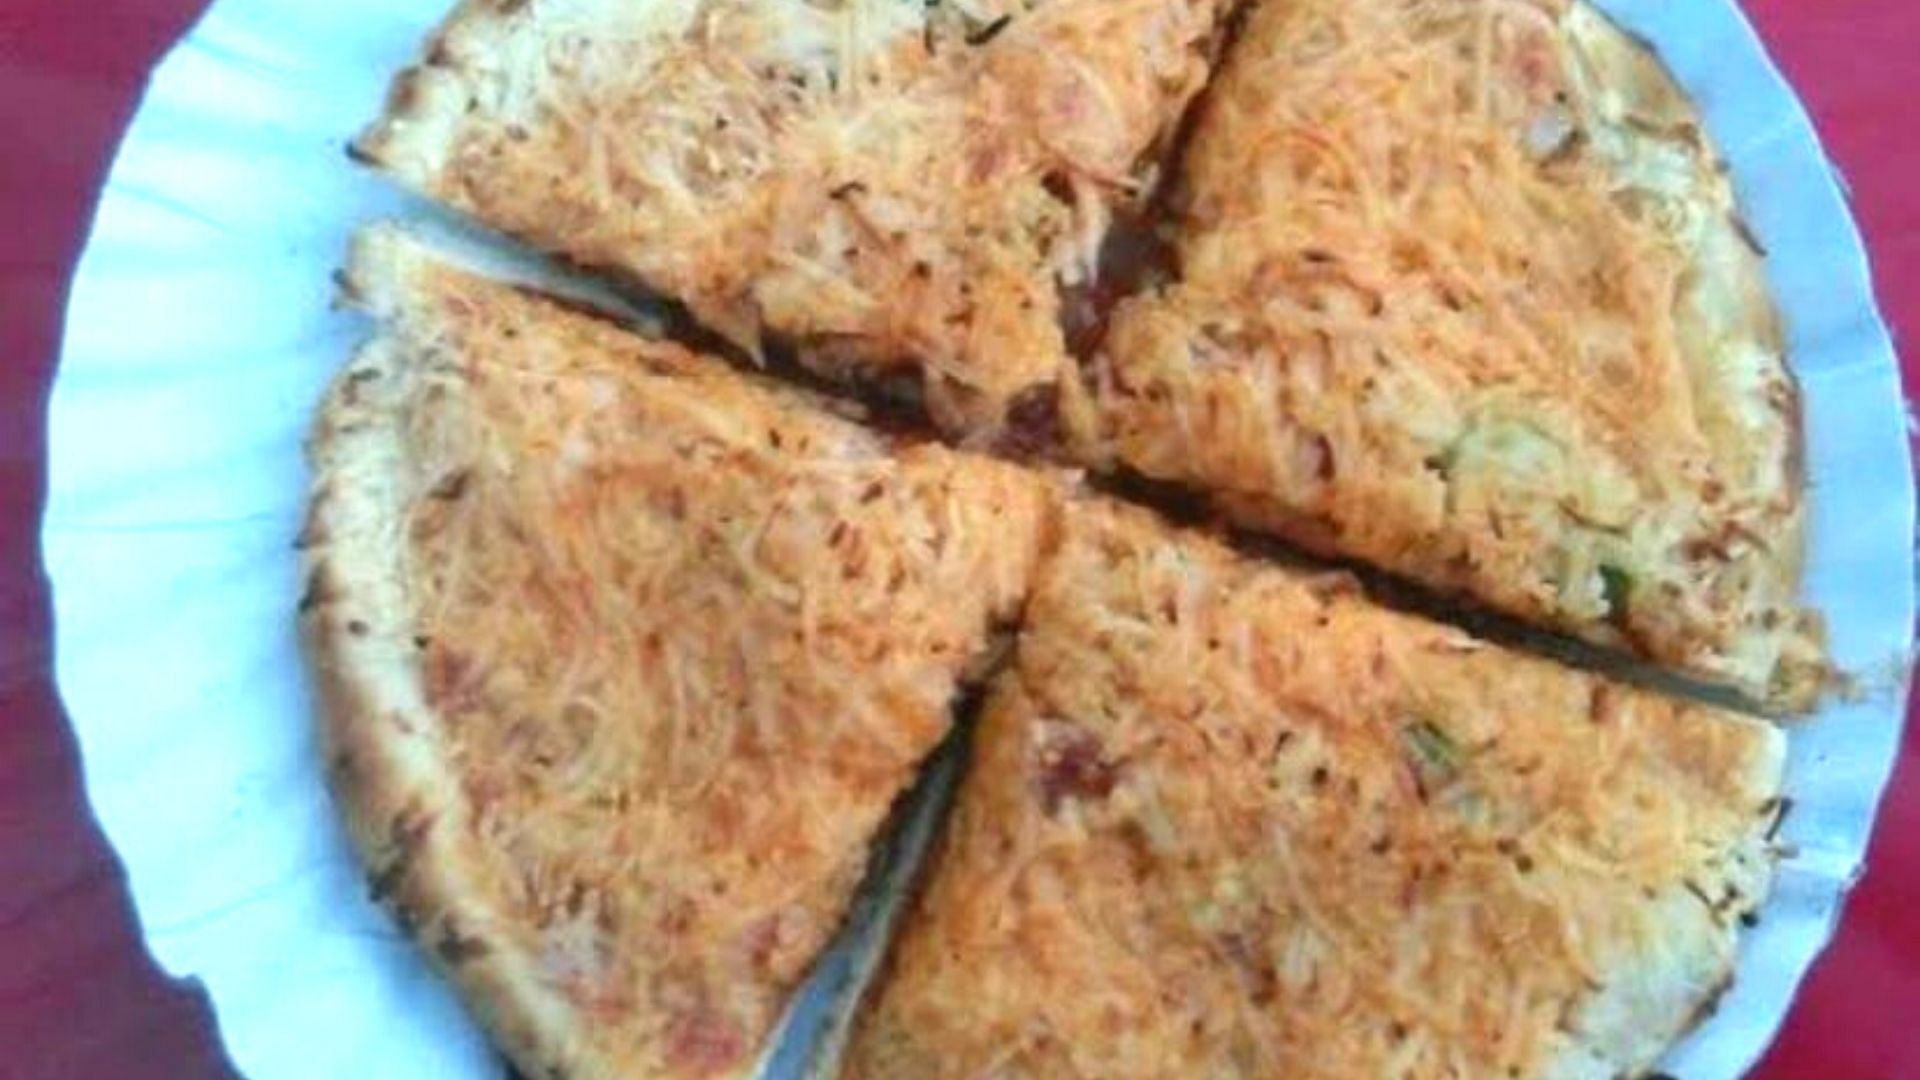 Como duas donas de casa construíram seus próprios fornos indígenas para pizza, Won Gujarat 3